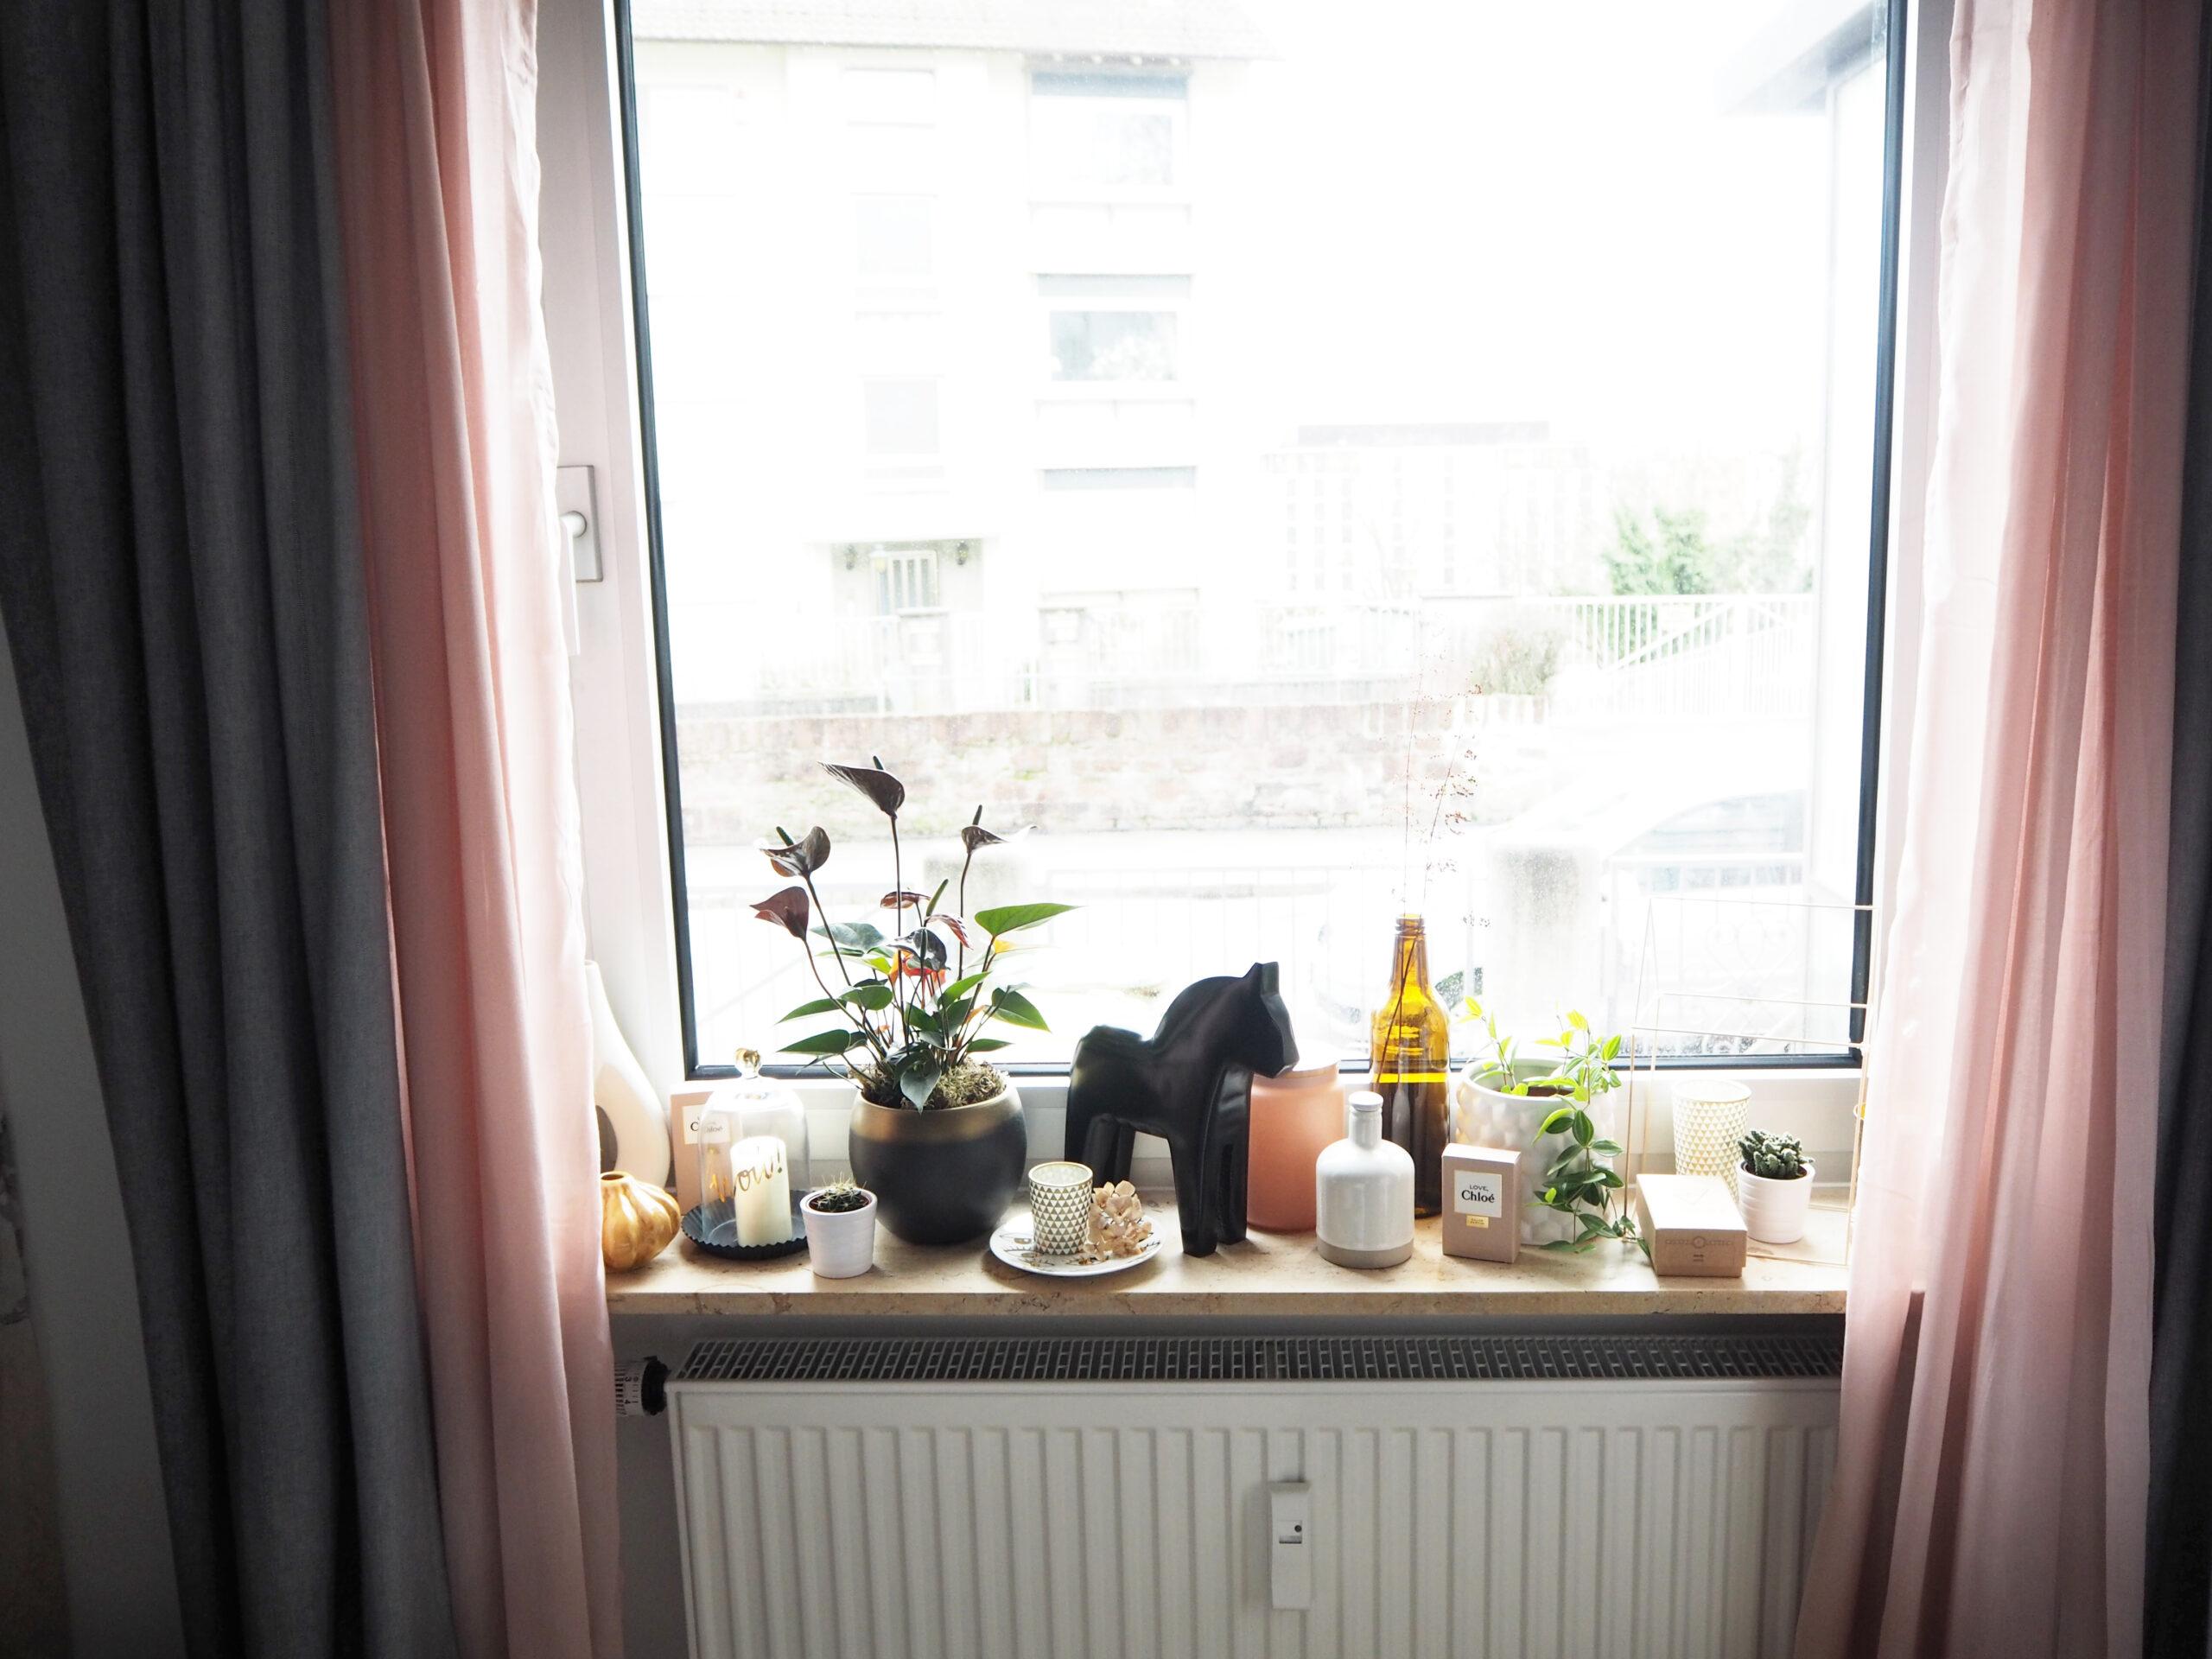 Full Size of Schlafzimmer Deko Interior Fr Fensterbank Skn Och Kreativ Günstige Komplett Weiß Romantische Schimmel Im Für Küche Landhausstil Truhe Deckenleuchte Modern Wohnzimmer Schlafzimmer Deko